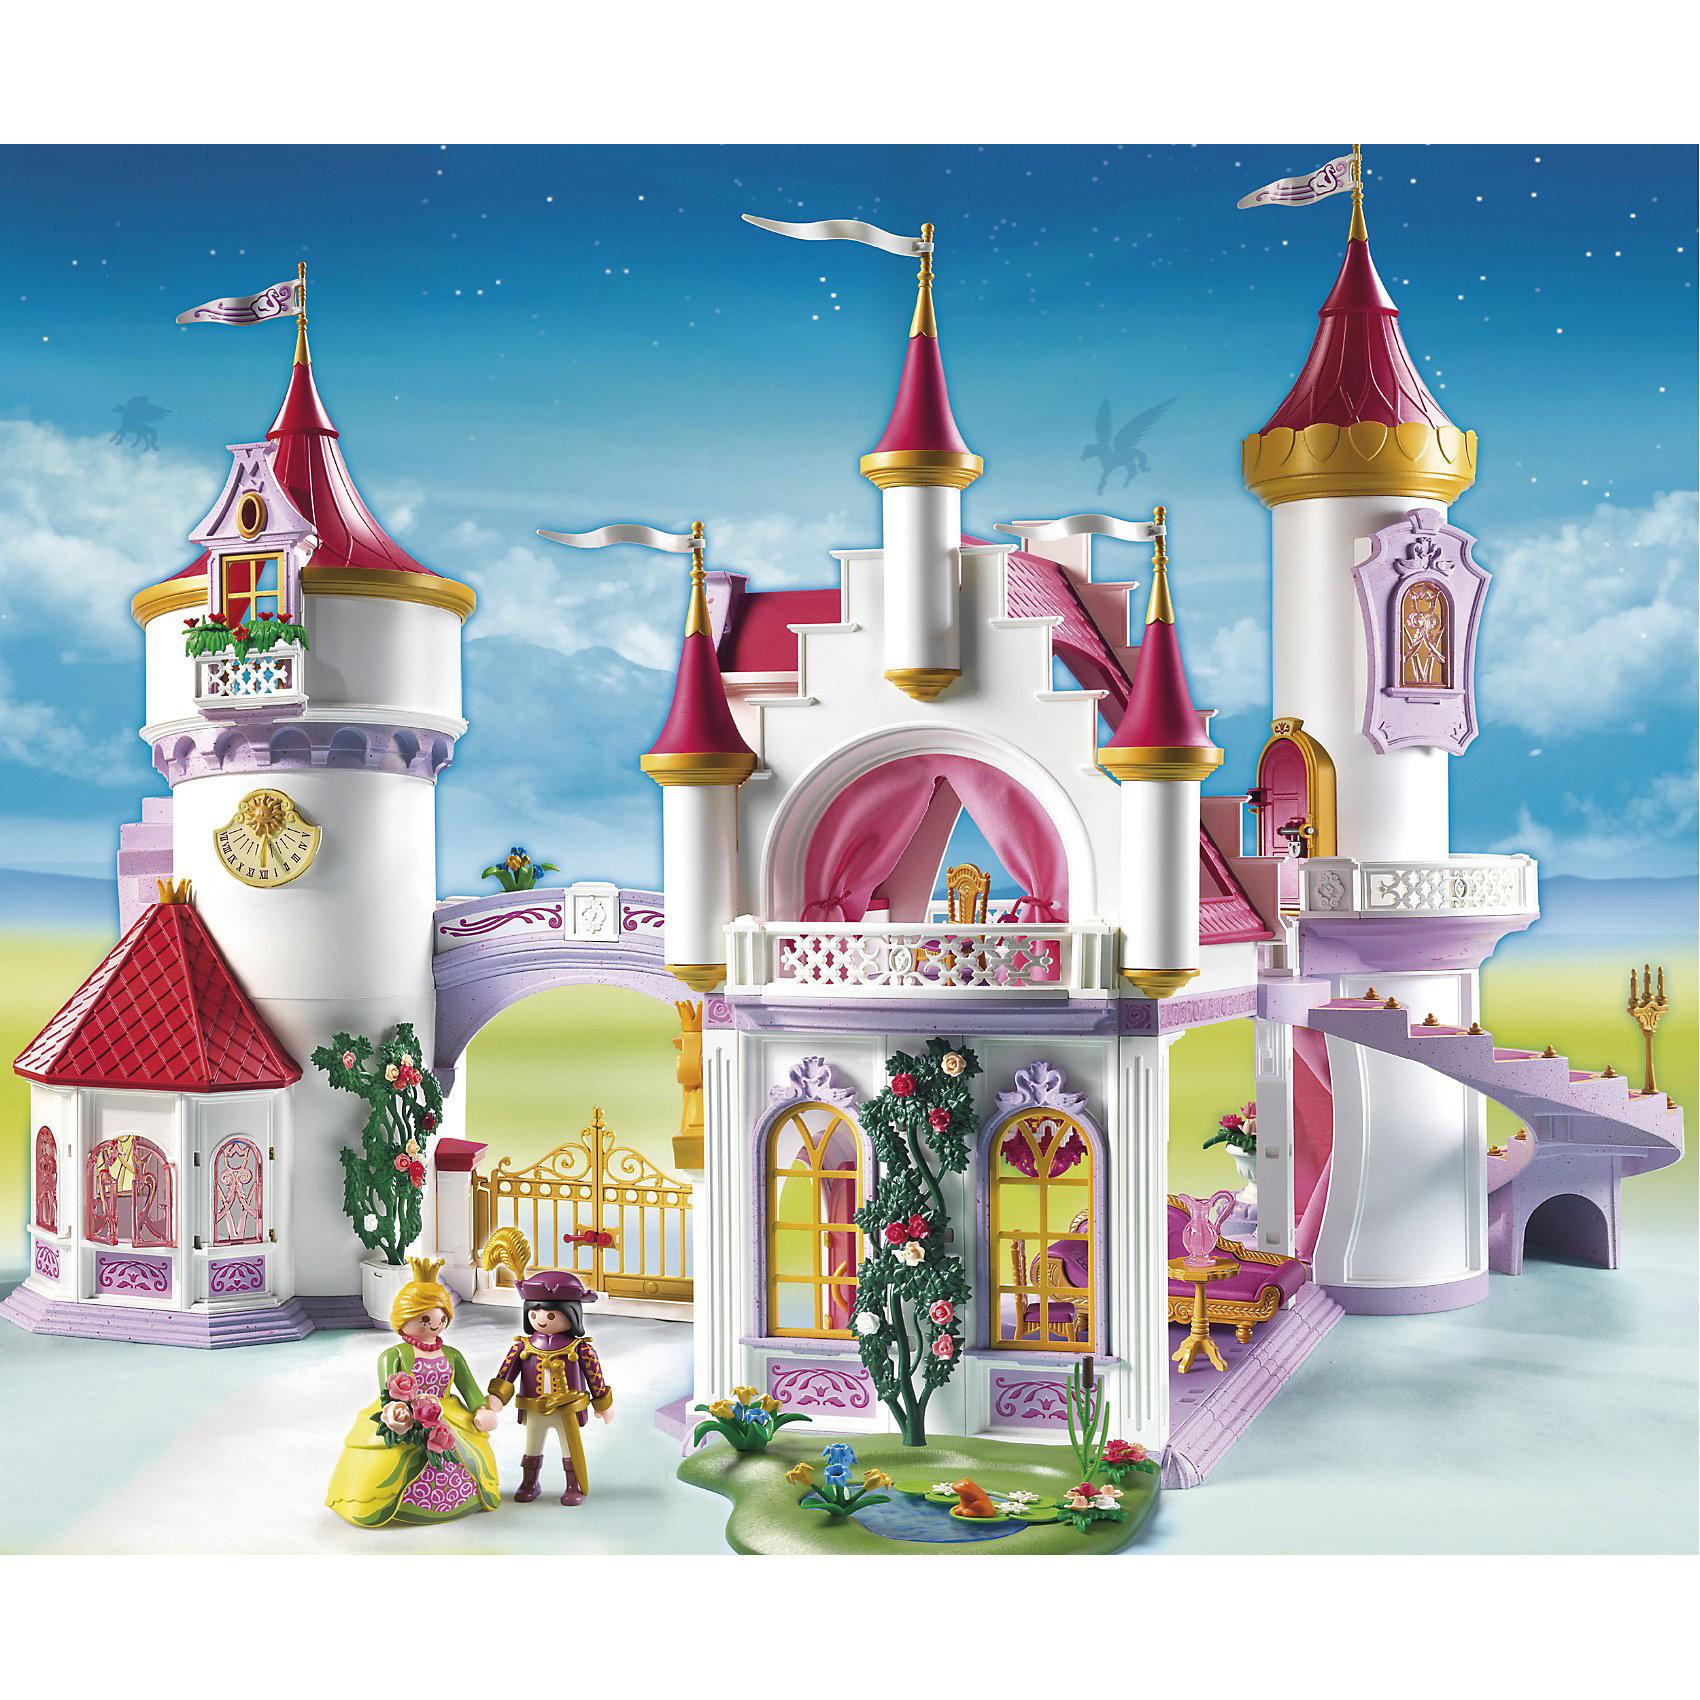 PLAYMOBIL 5142 Сказочный дворец принцессы